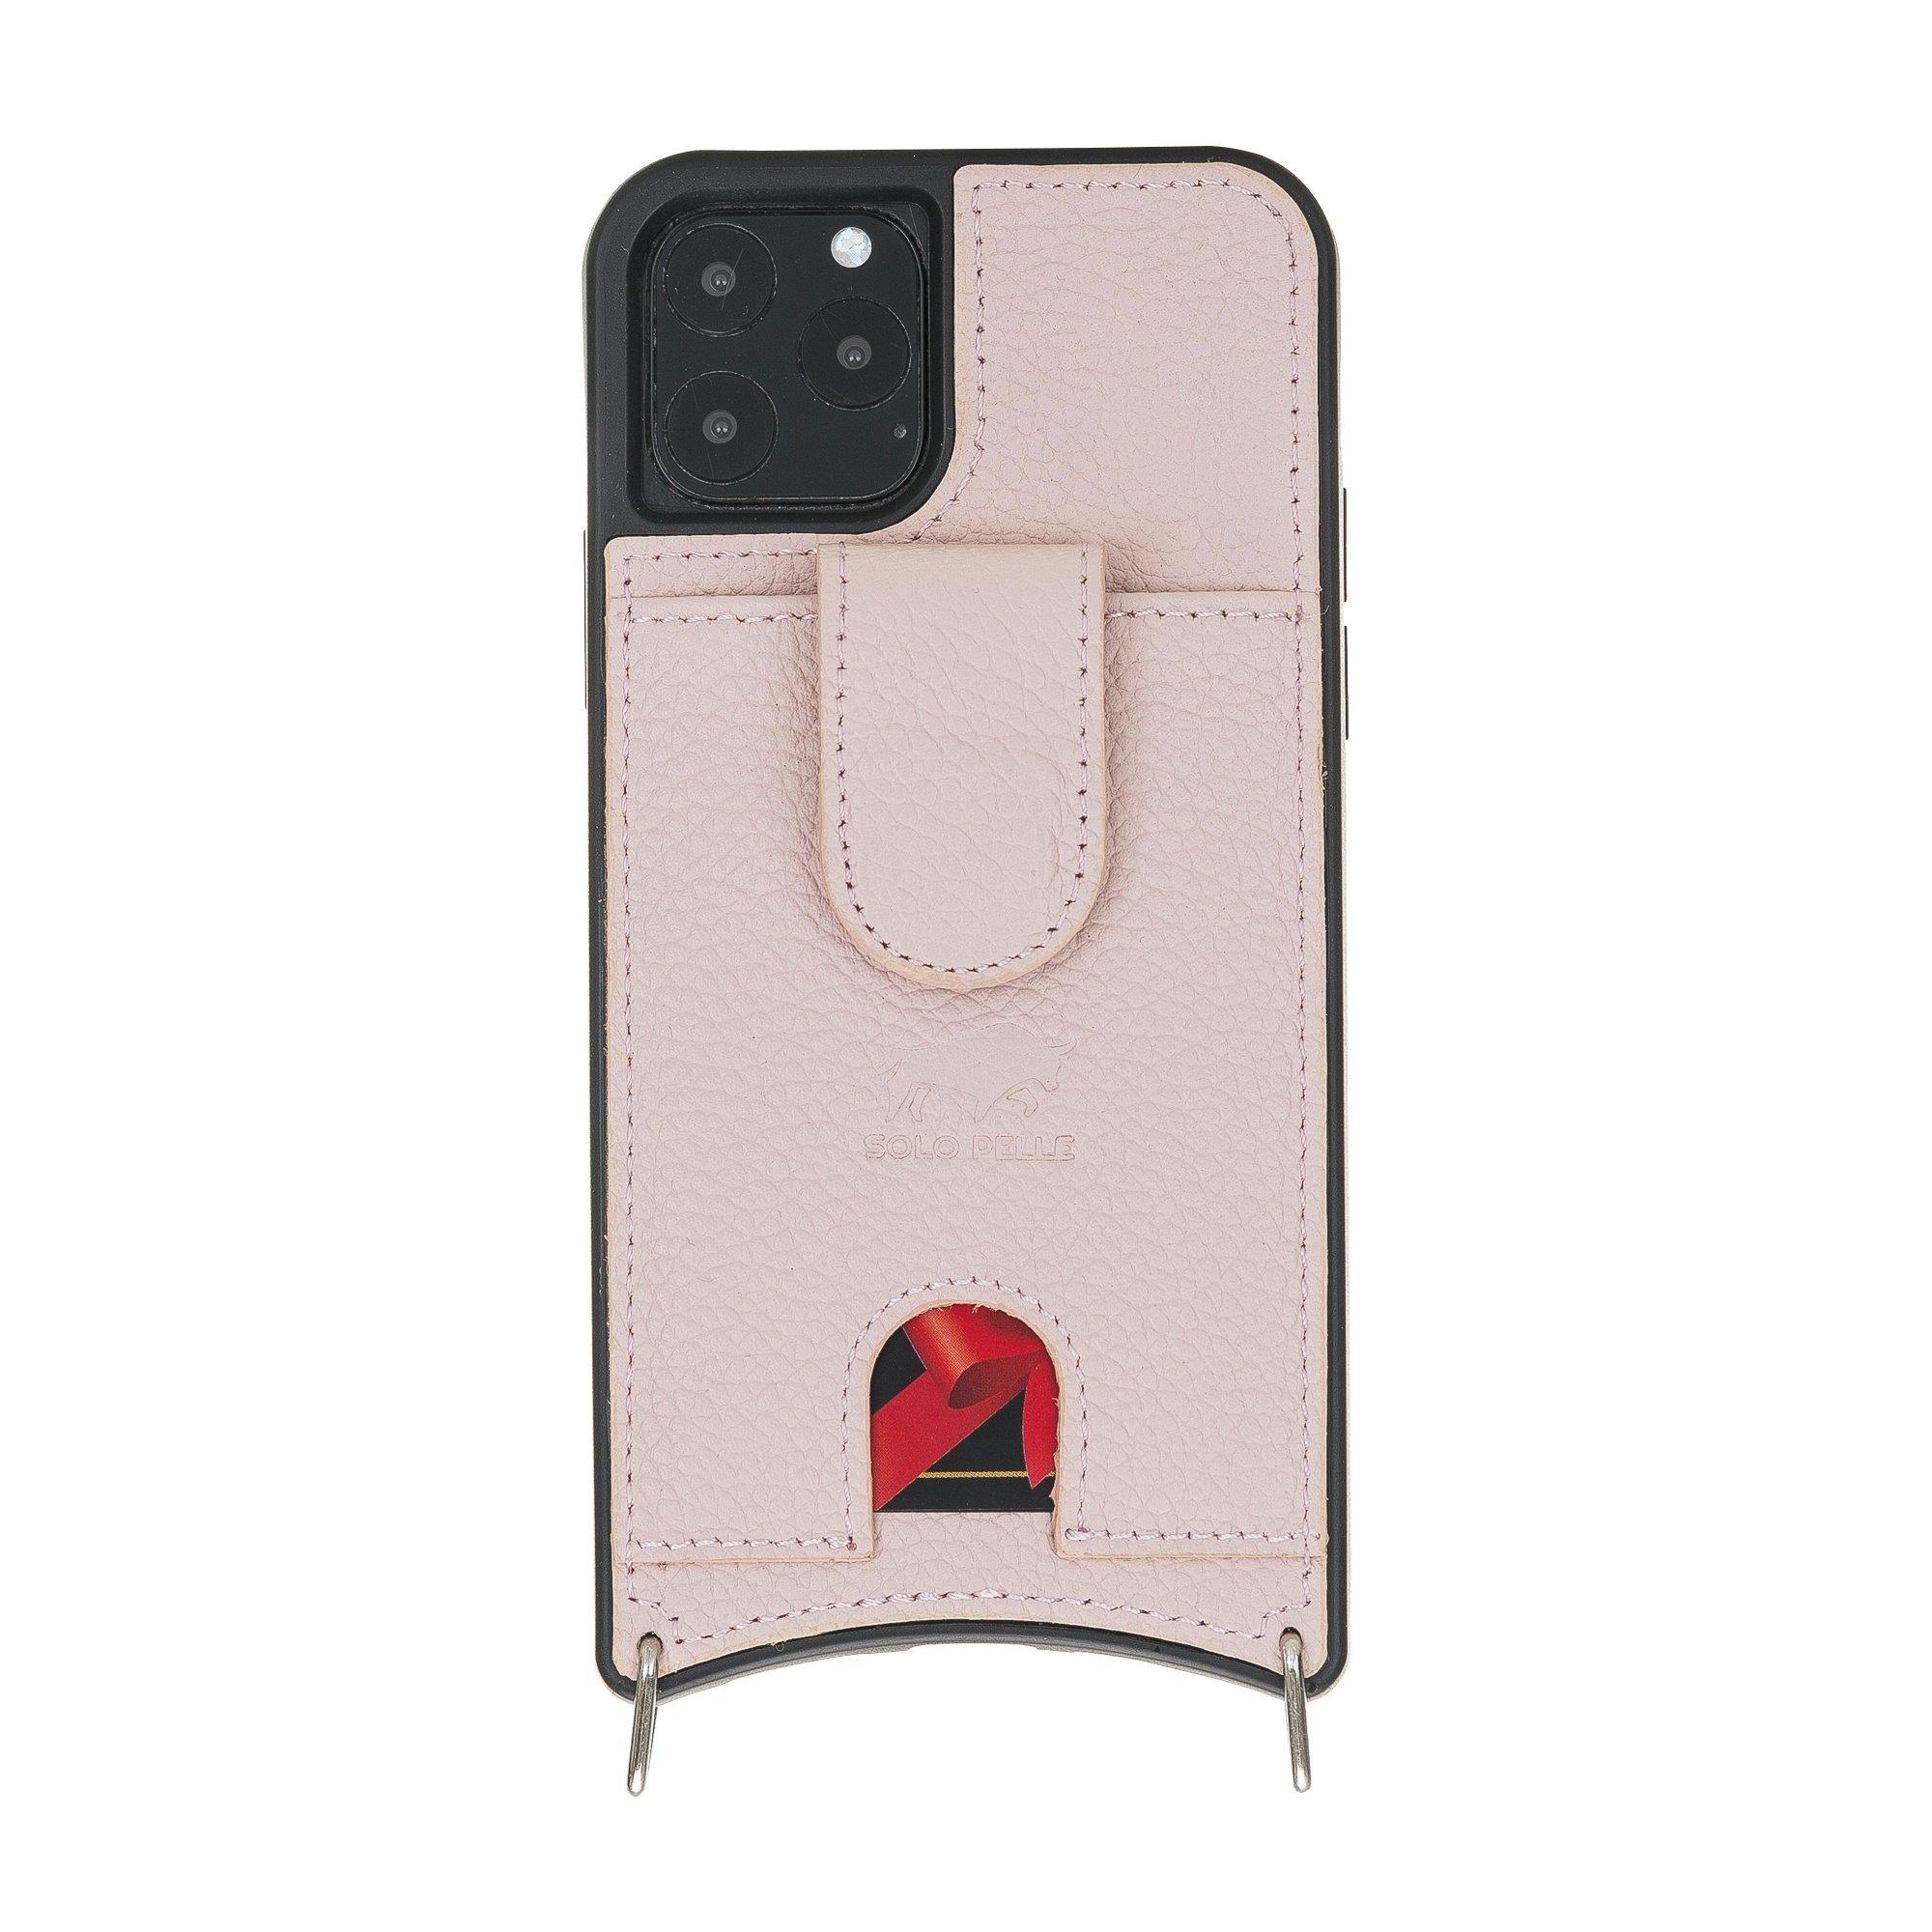 """Lederhülle """"Necklace"""" für das iPhone 11 Pro in 5.8 Zoll in Rosé (inkl.Umhängeriemen)"""